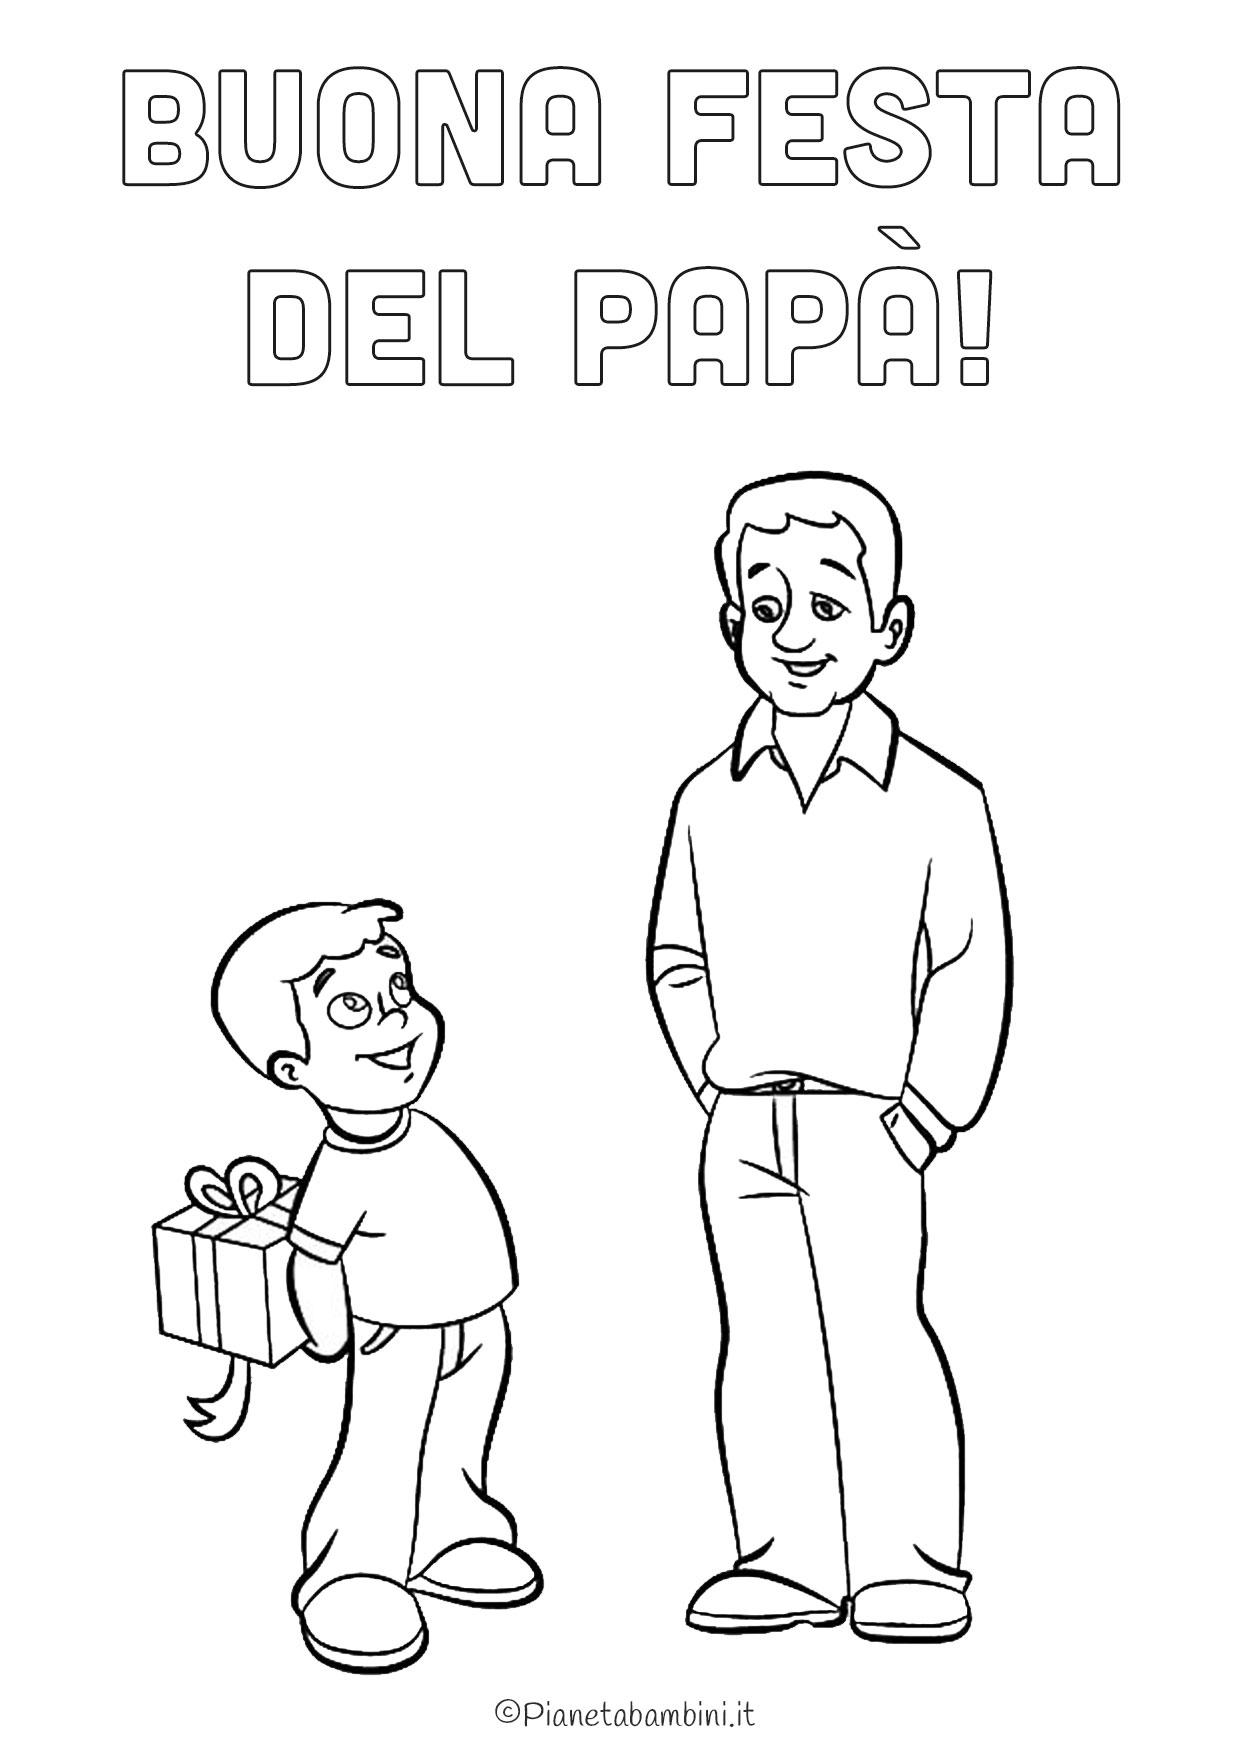 Disegno festa del papà da colorare 03